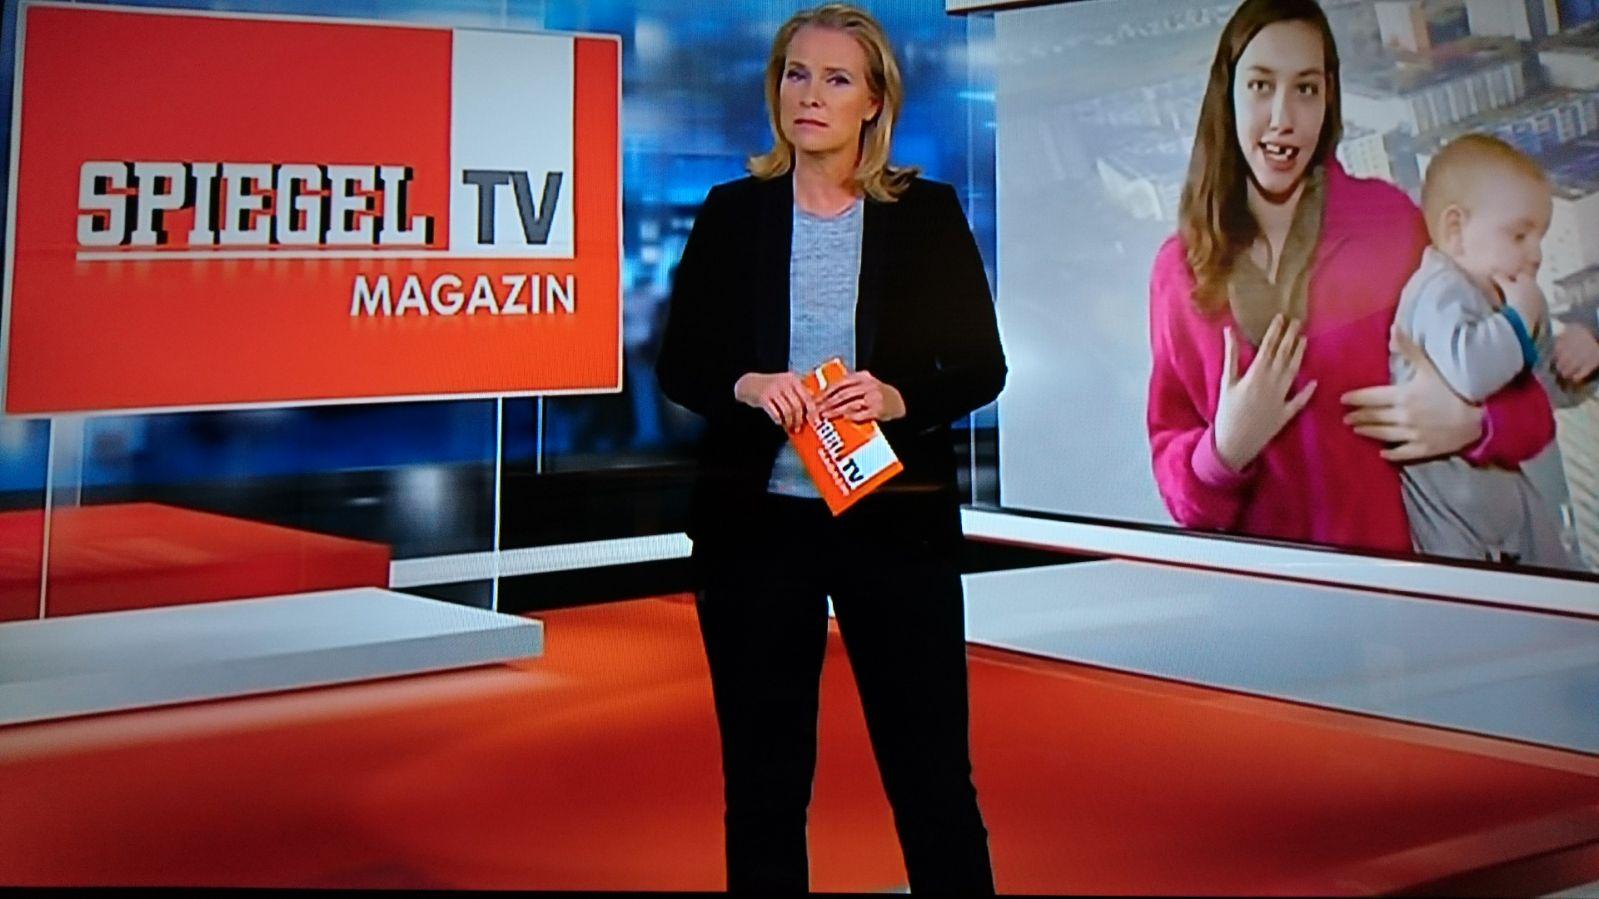 Abstieg ost spiegel tv mit fernsehbeitrag ber halle for Rtl spiegel tv